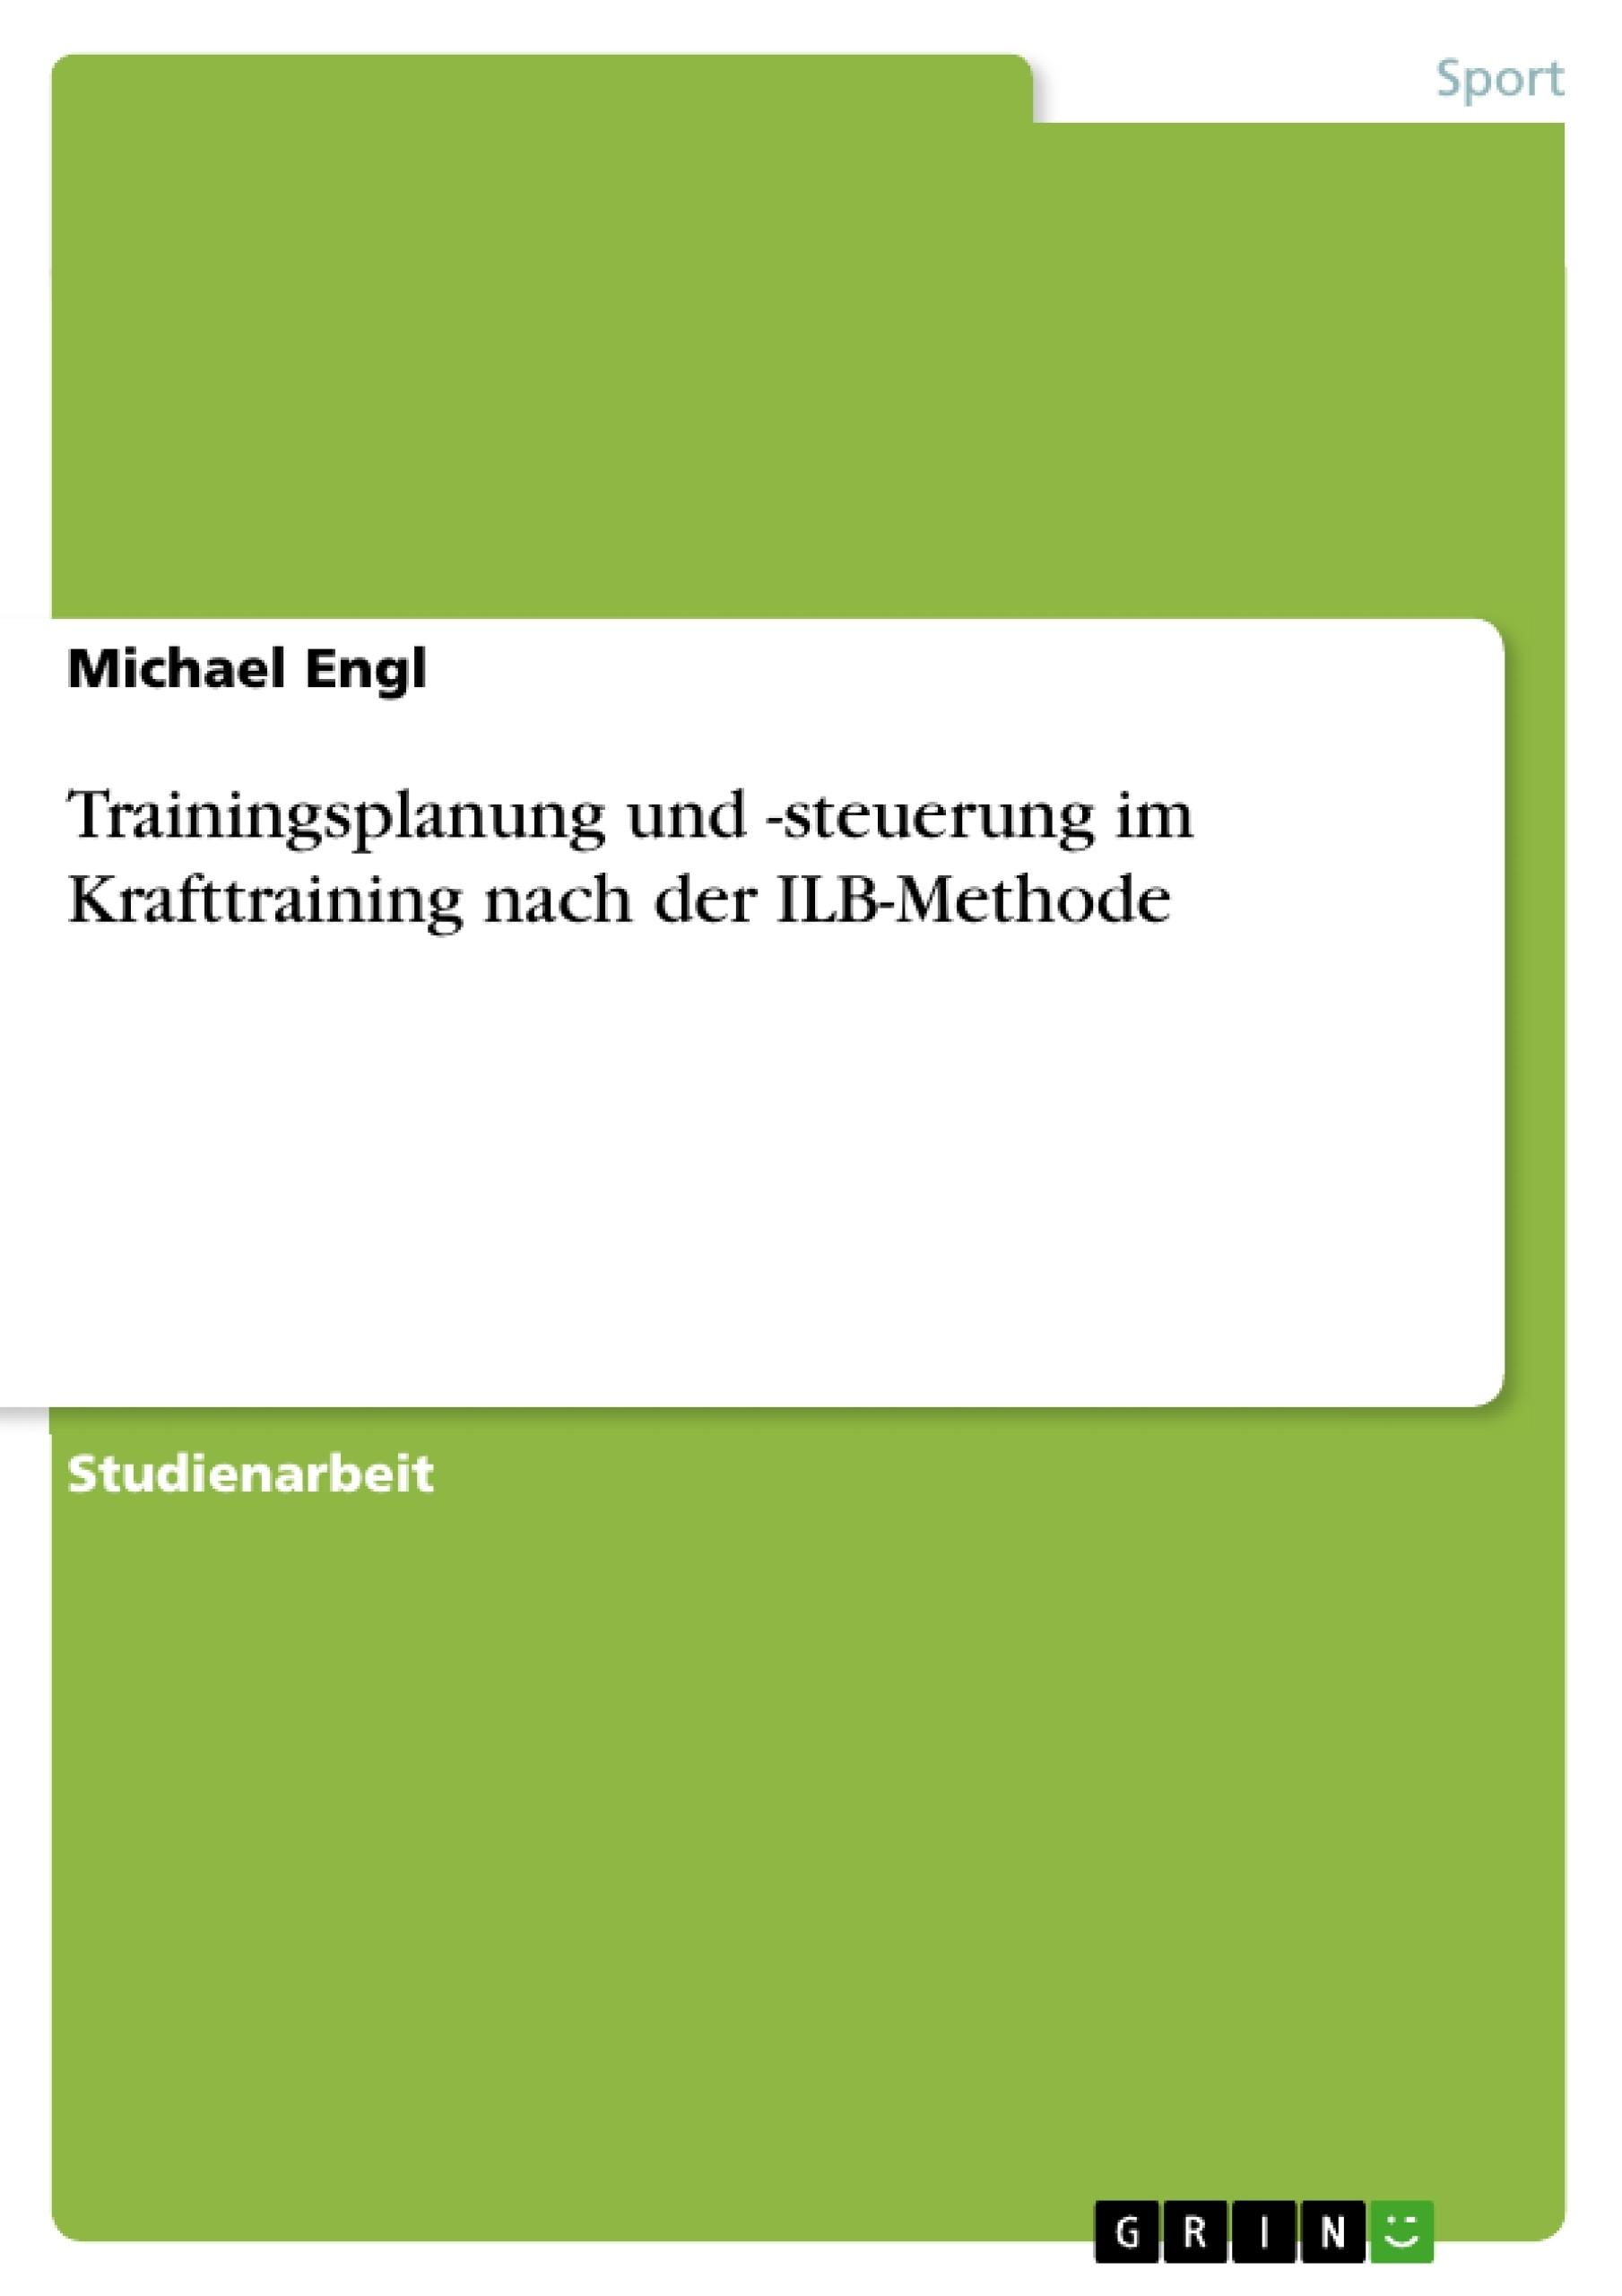 Titel: Trainingsplanung und -steuerung im Krafttraining nach der ILB-Methode